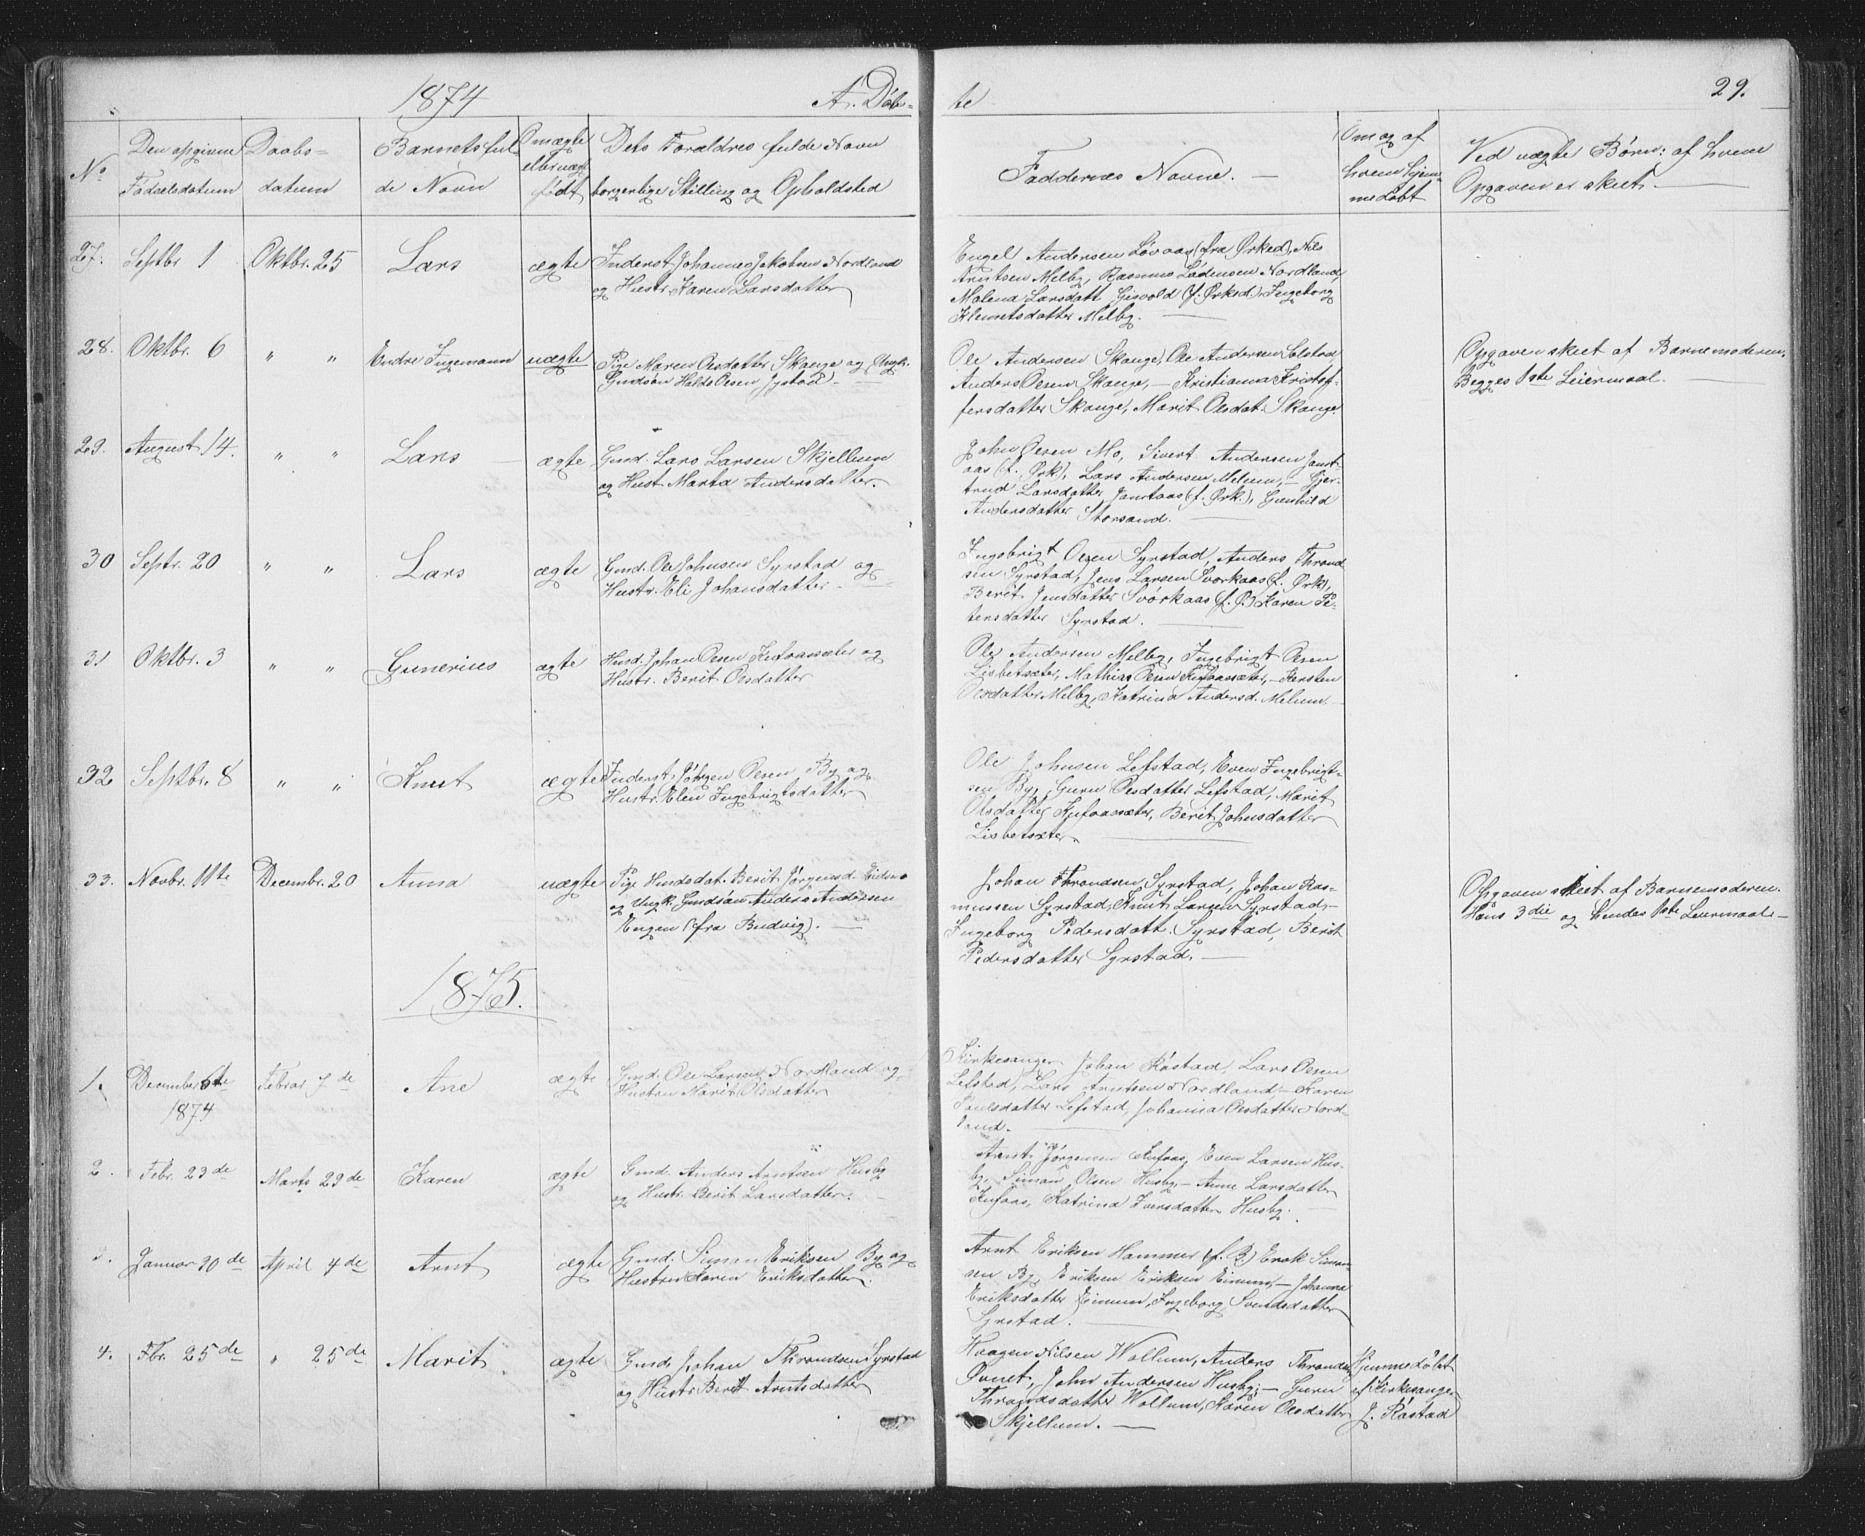 SAT, Ministerialprotokoller, klokkerbøker og fødselsregistre - Sør-Trøndelag, 667/L0798: Klokkerbok nr. 667C03, 1867-1929, s. 29